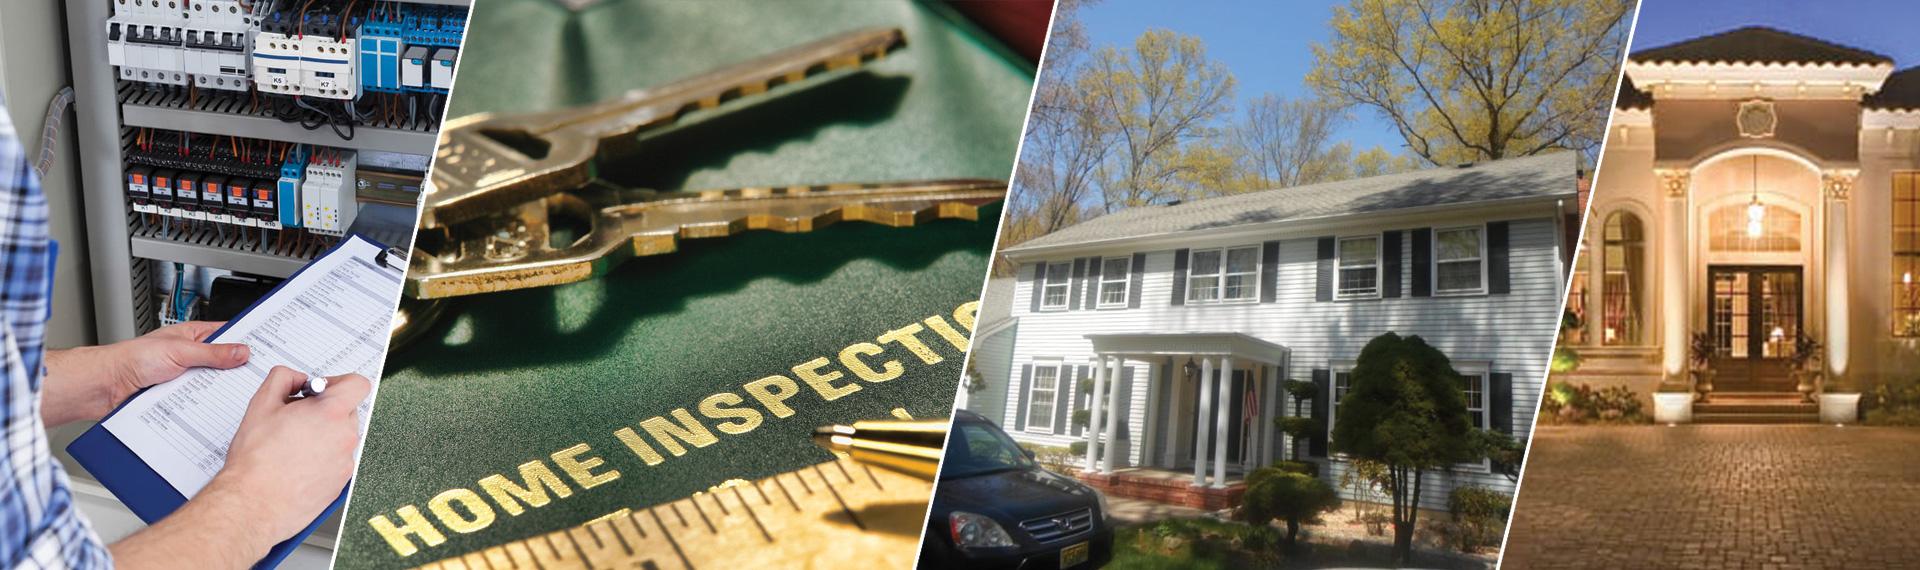 AAA House Doctors Engineers & Home Inspectors Piscataway NJ